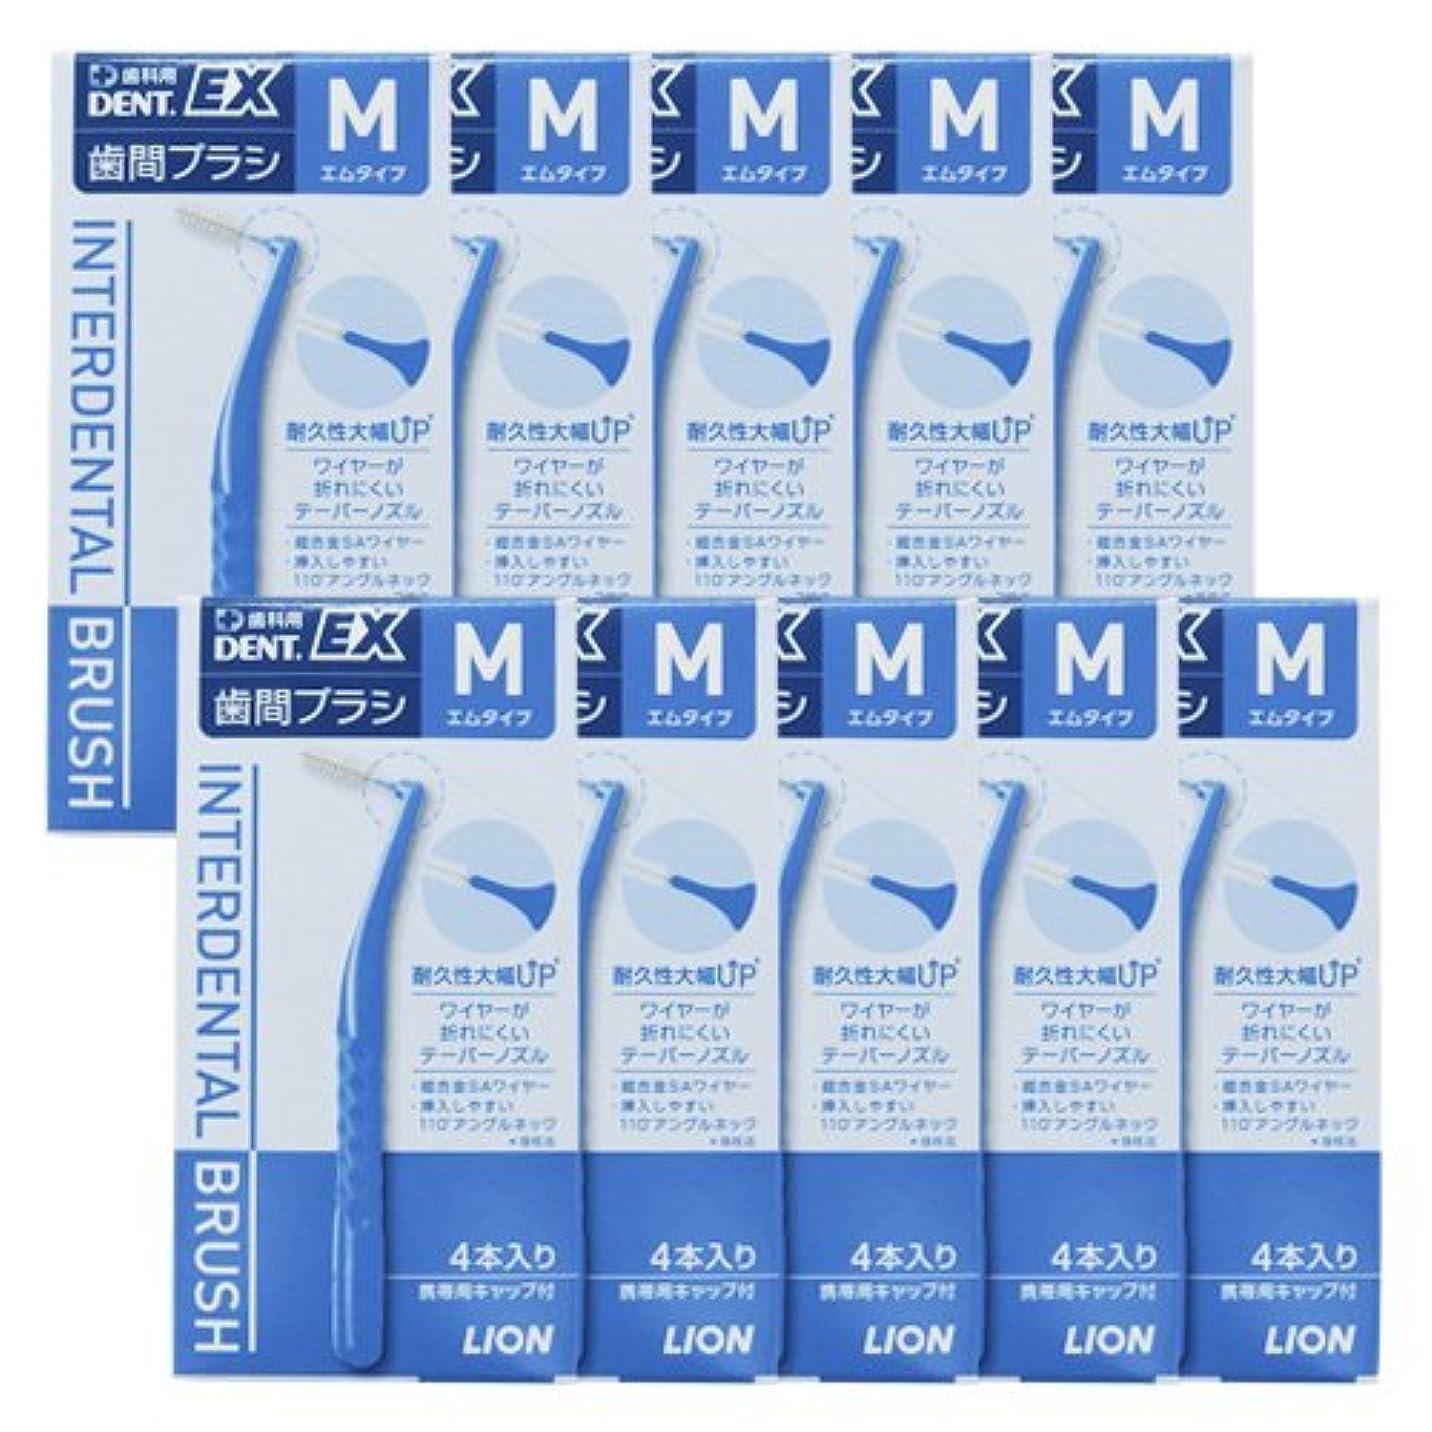 作りプロテスタント従者ライオン(LION) デント EX 歯間ブラシ M (LION DENT. EX 歯間ブラシ) 10箱 40本セット